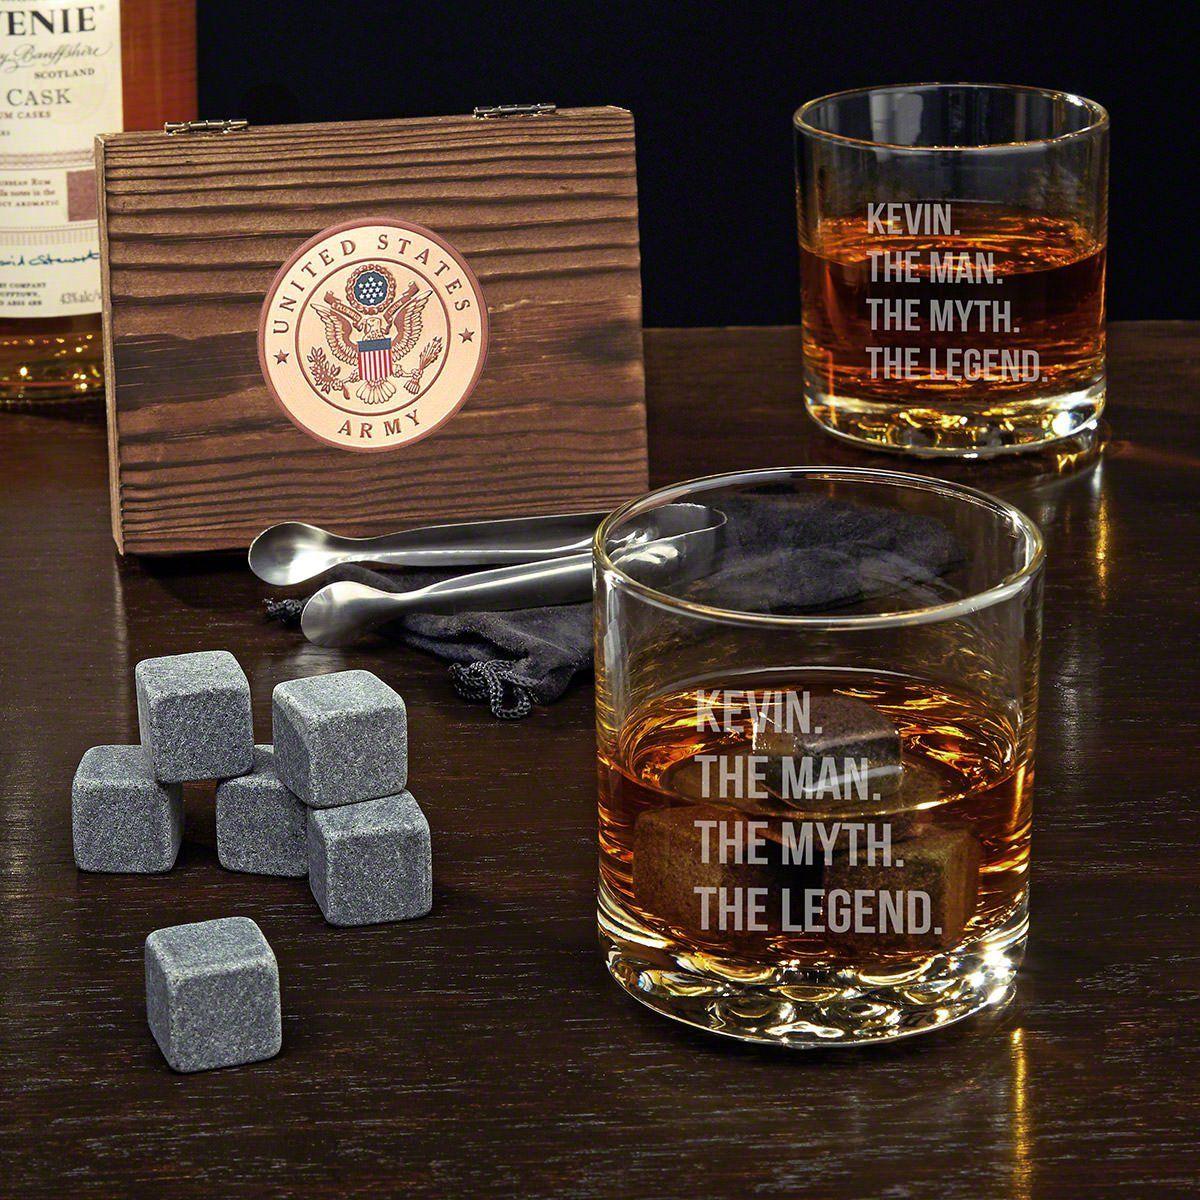 Fancy Man Myth Legend Custom Whiskey Stone Set And Buckman Glasses Whiskey Stones Whiskey Lover Gifts Whiskey Gifts